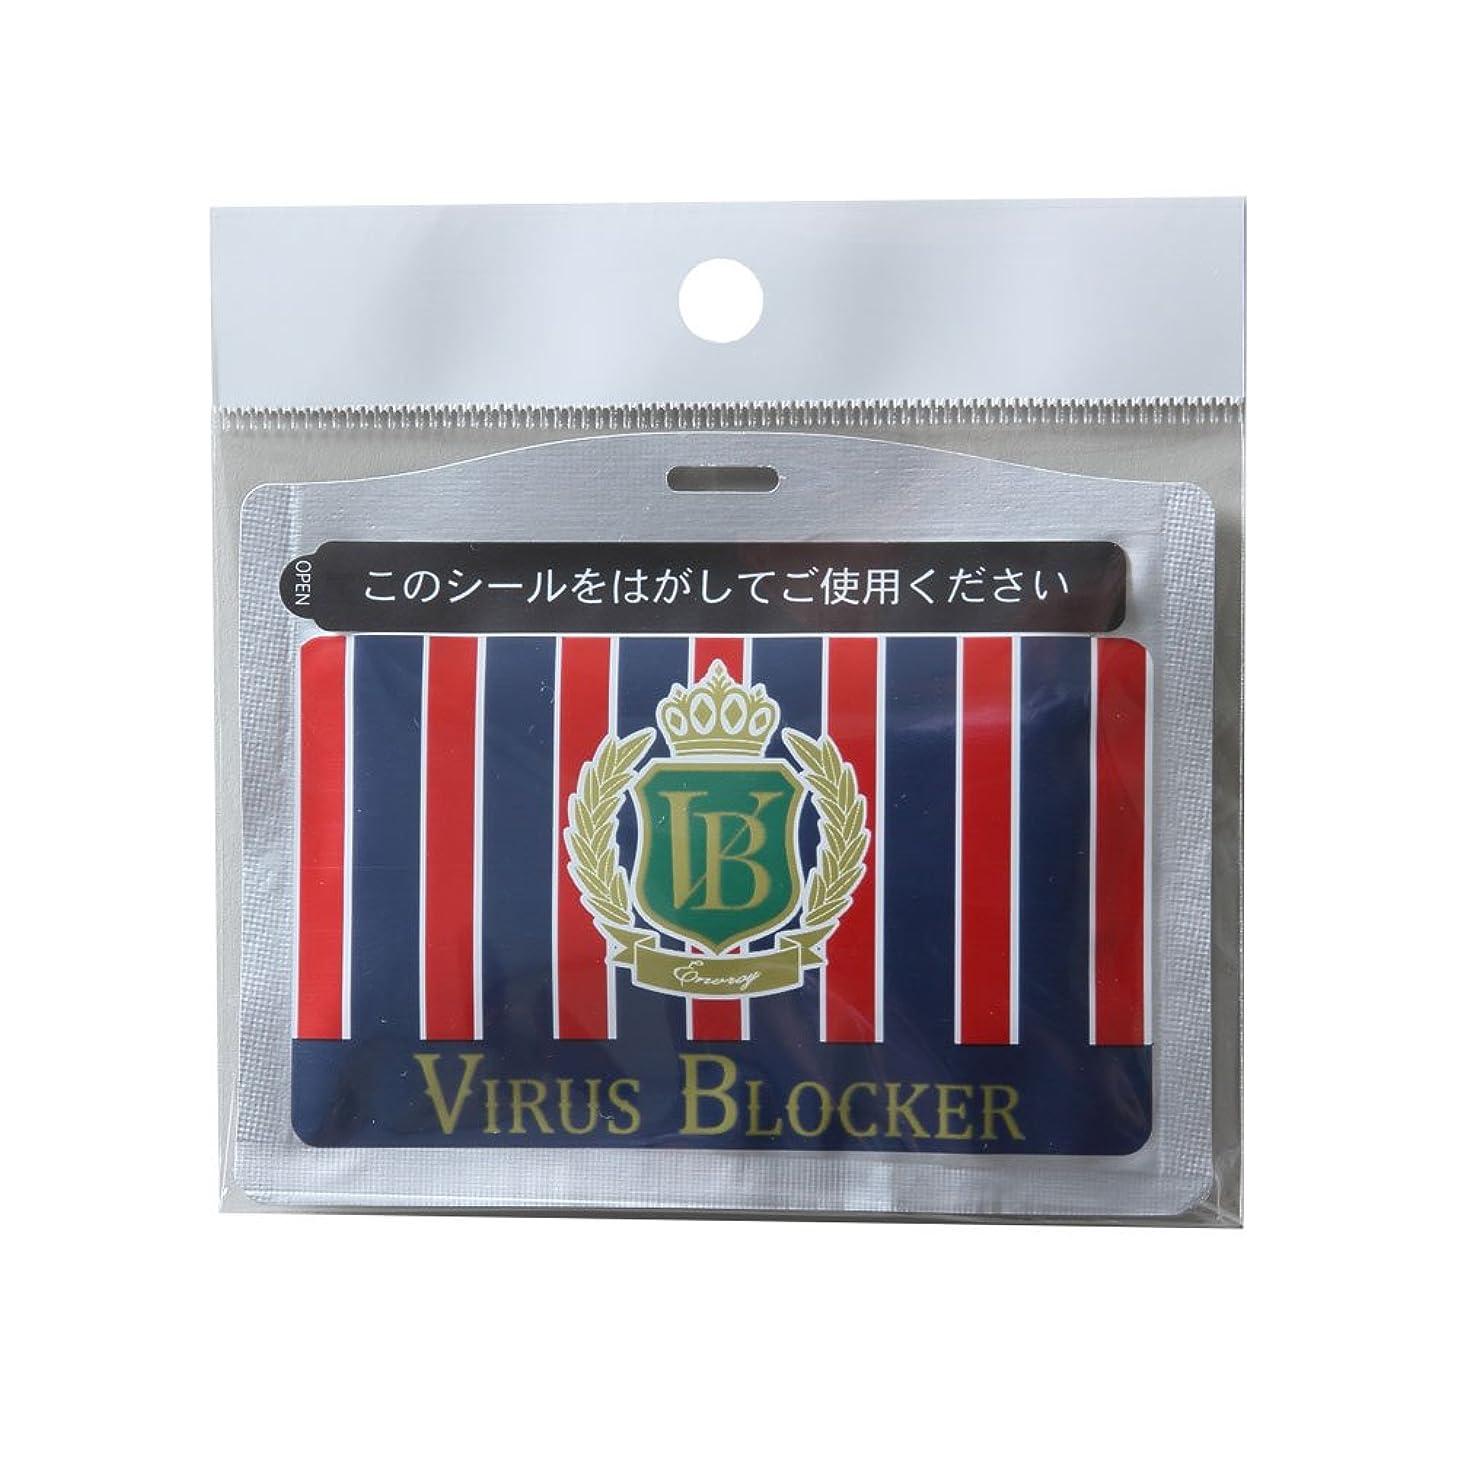 インフルエンザ商品のぞき見ウイルスブロッカーVB トラッド レフィル (CLA48)